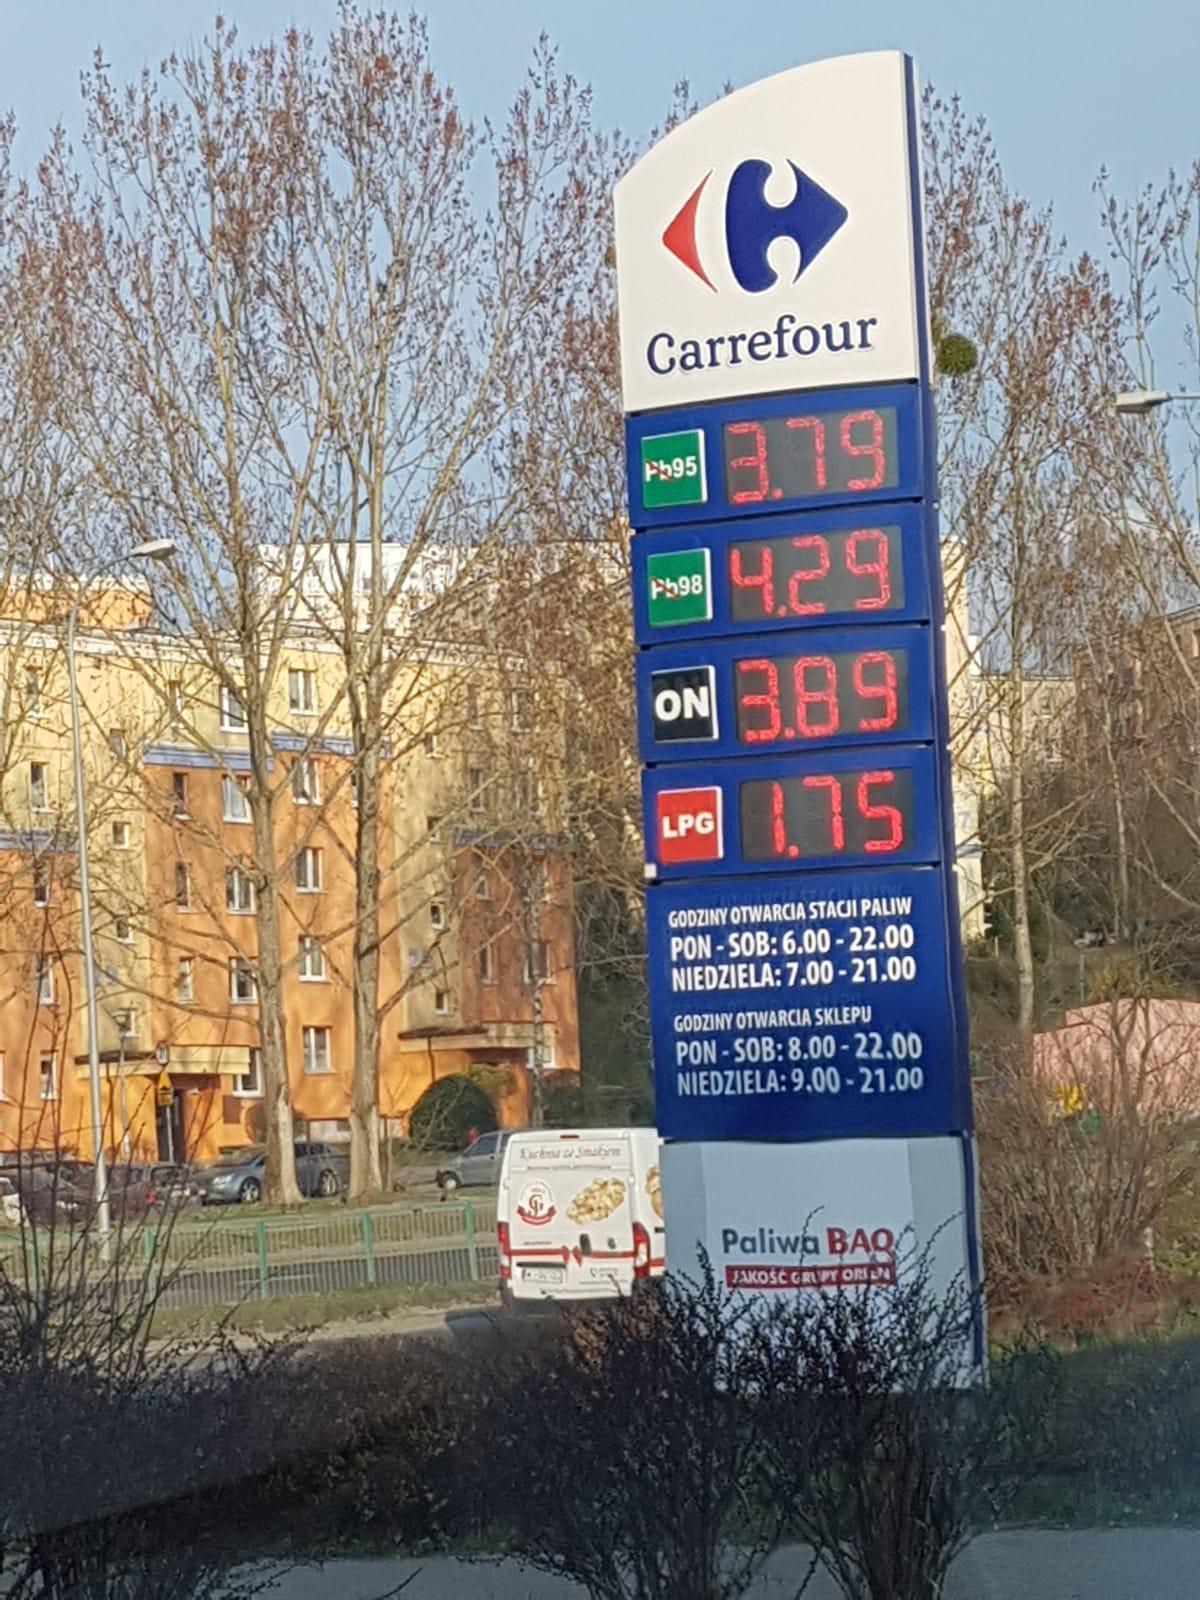 Carrefour Olsztyn PB95 3,79 -- LPG 1,75 -- ON 3,89 benzyna gaz ropa stacja